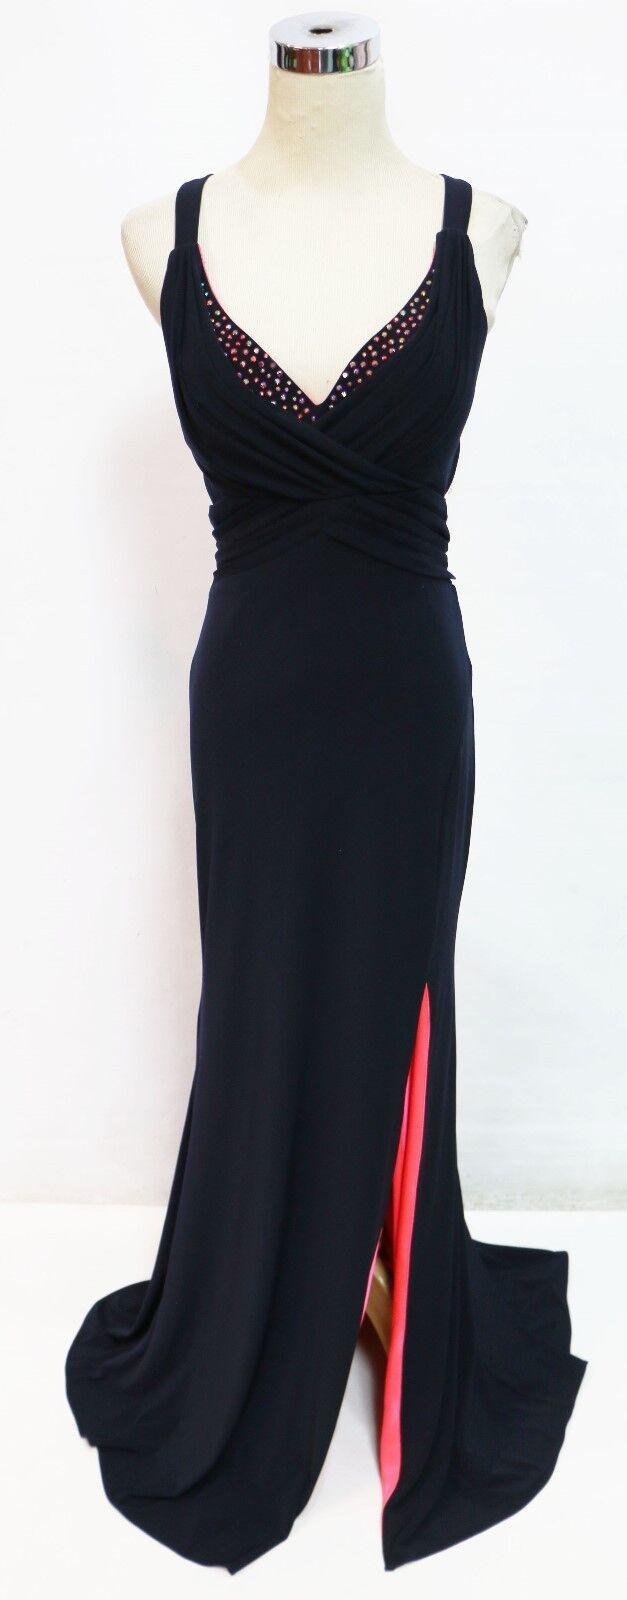 BLONDIE NITES AZUL MARINO Baile  de graduación Formal Noche Vestido 3 -  165 Nuevo con etiquetas  tienda de ventas outlet